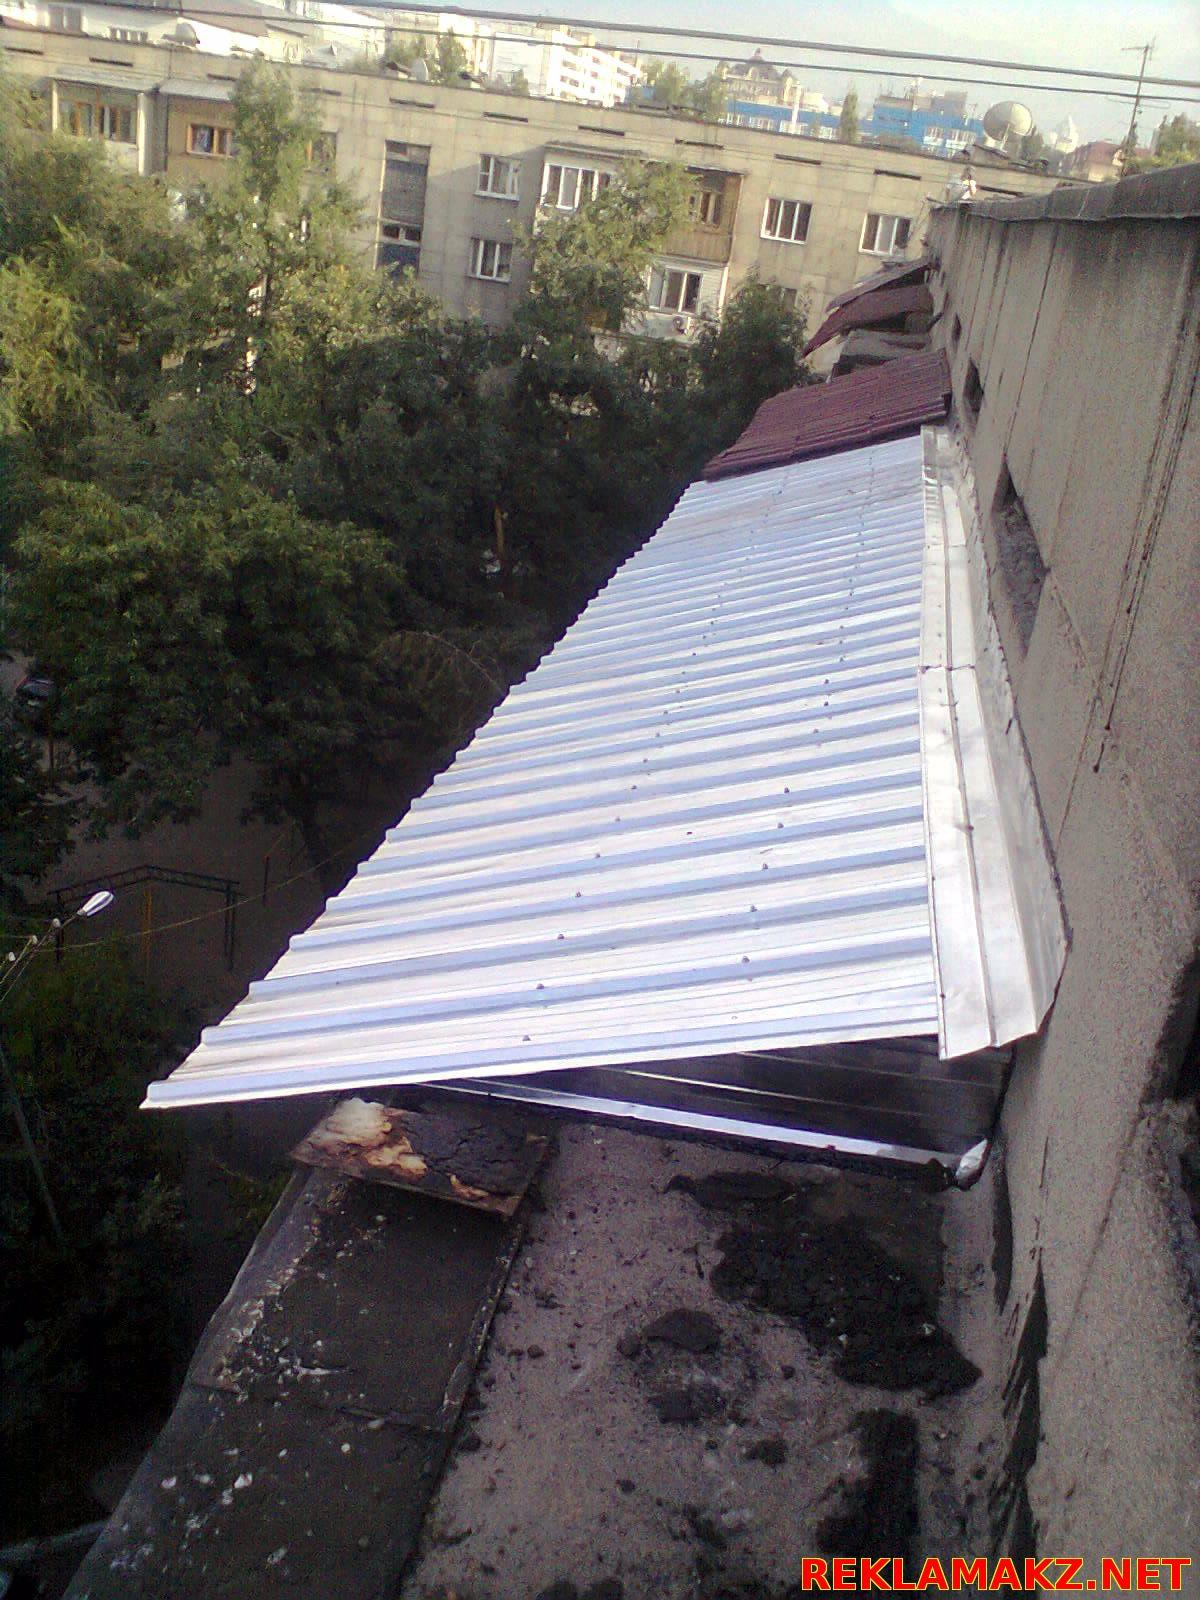 Жителям верхних этажей! монтаж балконного козырька! - вторге.